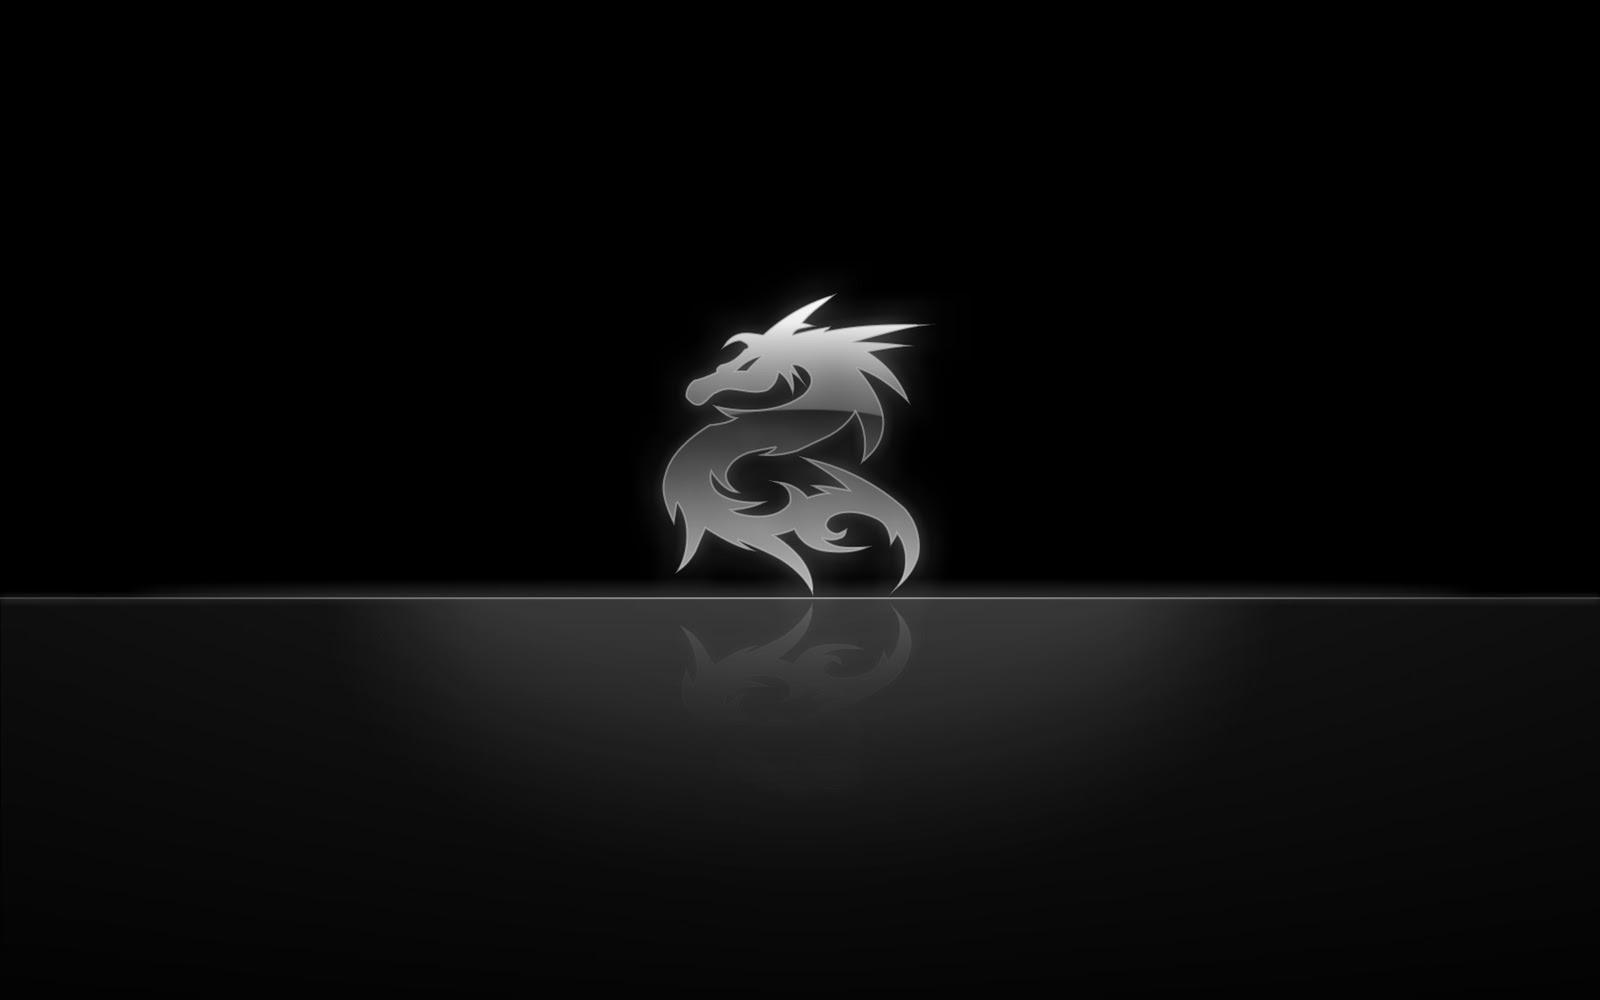 Epic Black Dragon 1600x1000